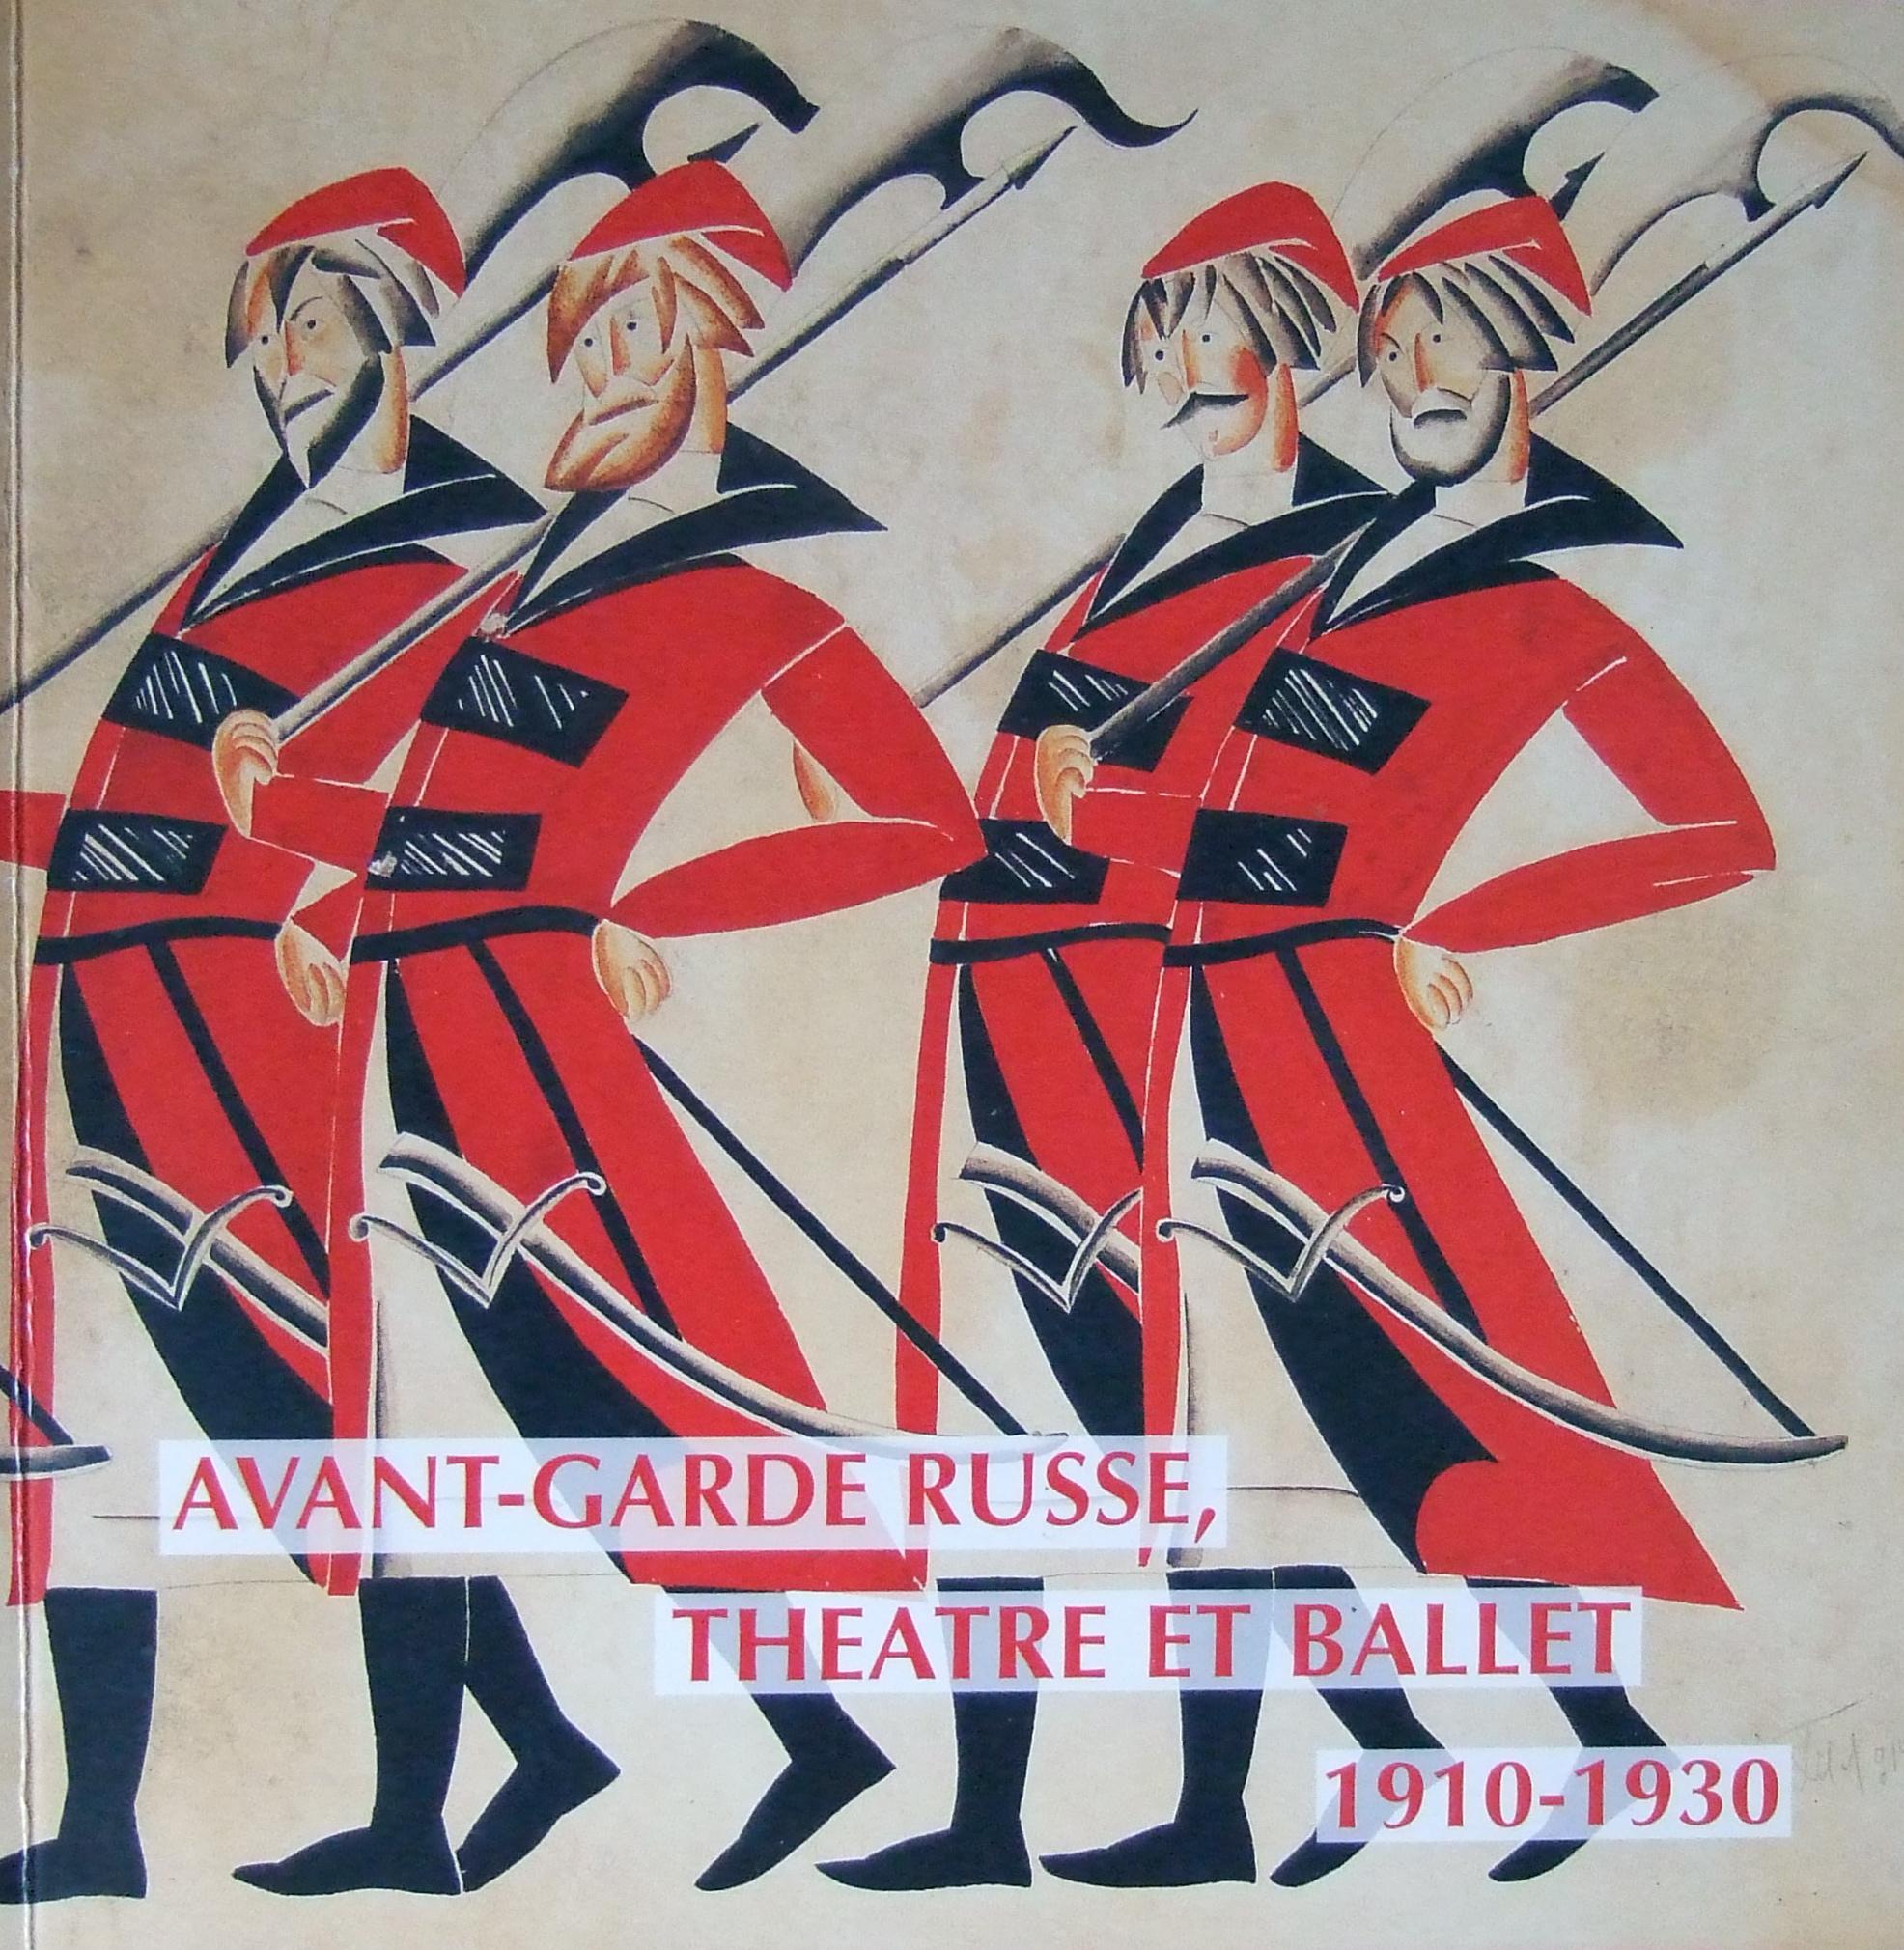 Avant-Garde Russe, Theatre et Ballet 1910 - 1930.